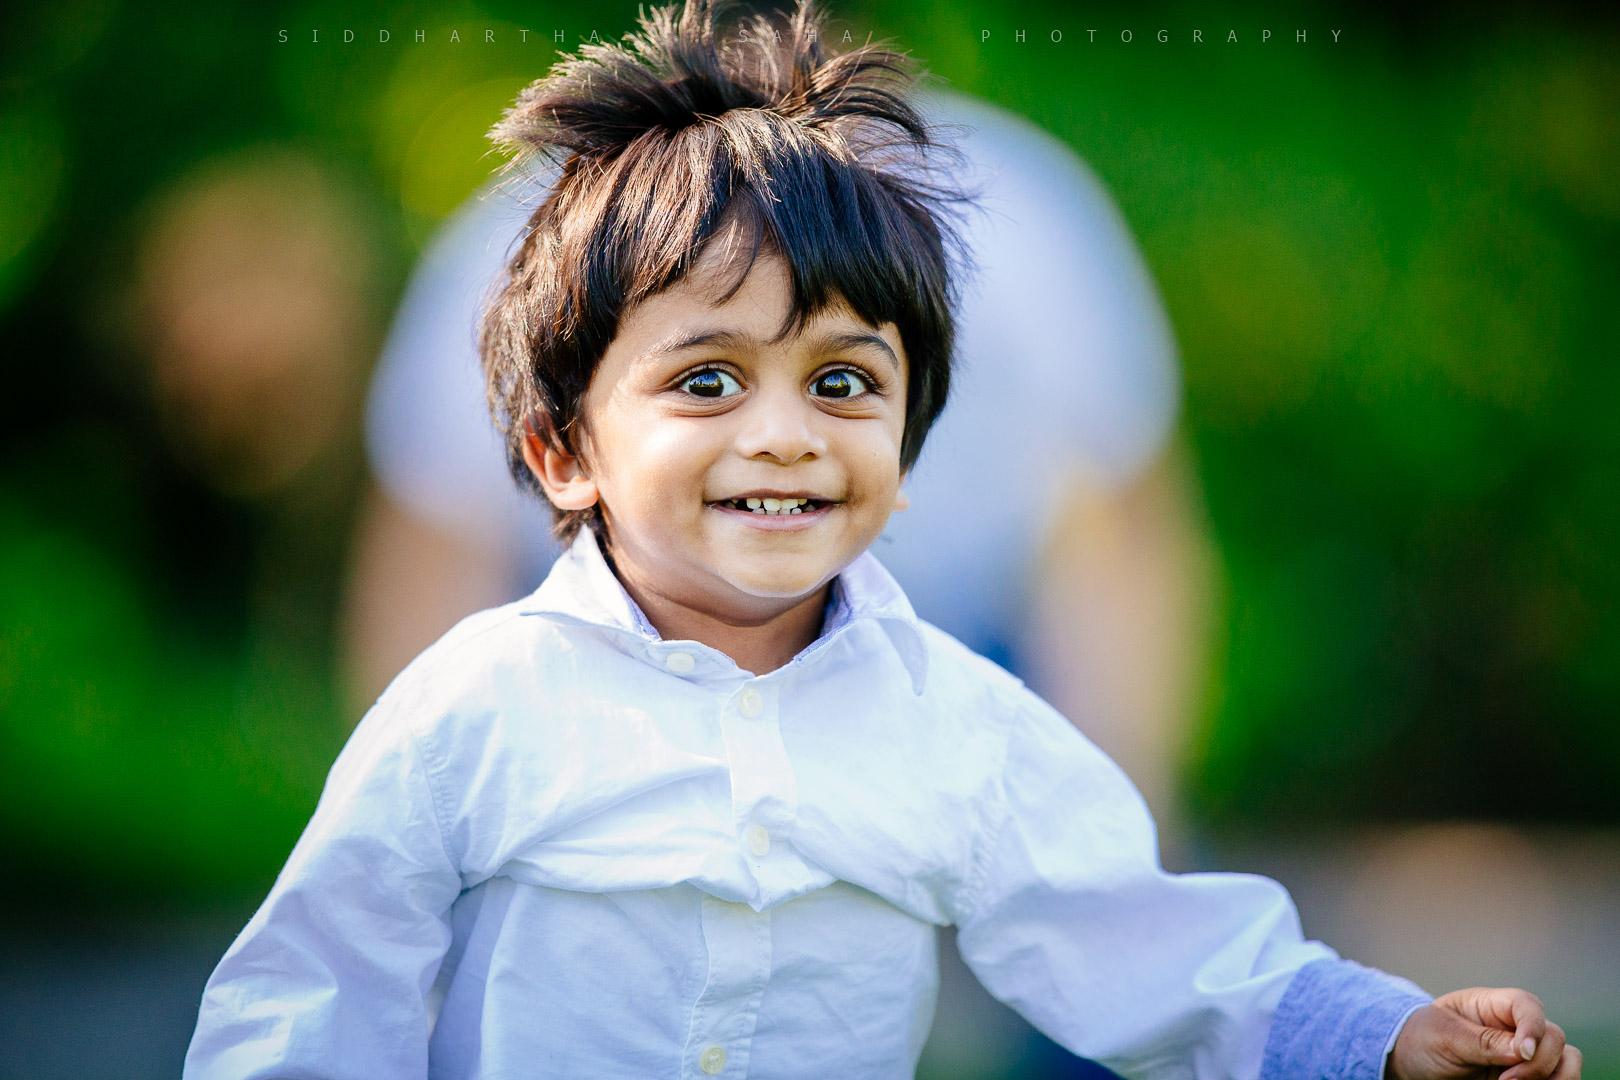 2015-06-14 - Ranjani Naveen Vihaan Photoshoot - _05Y6056